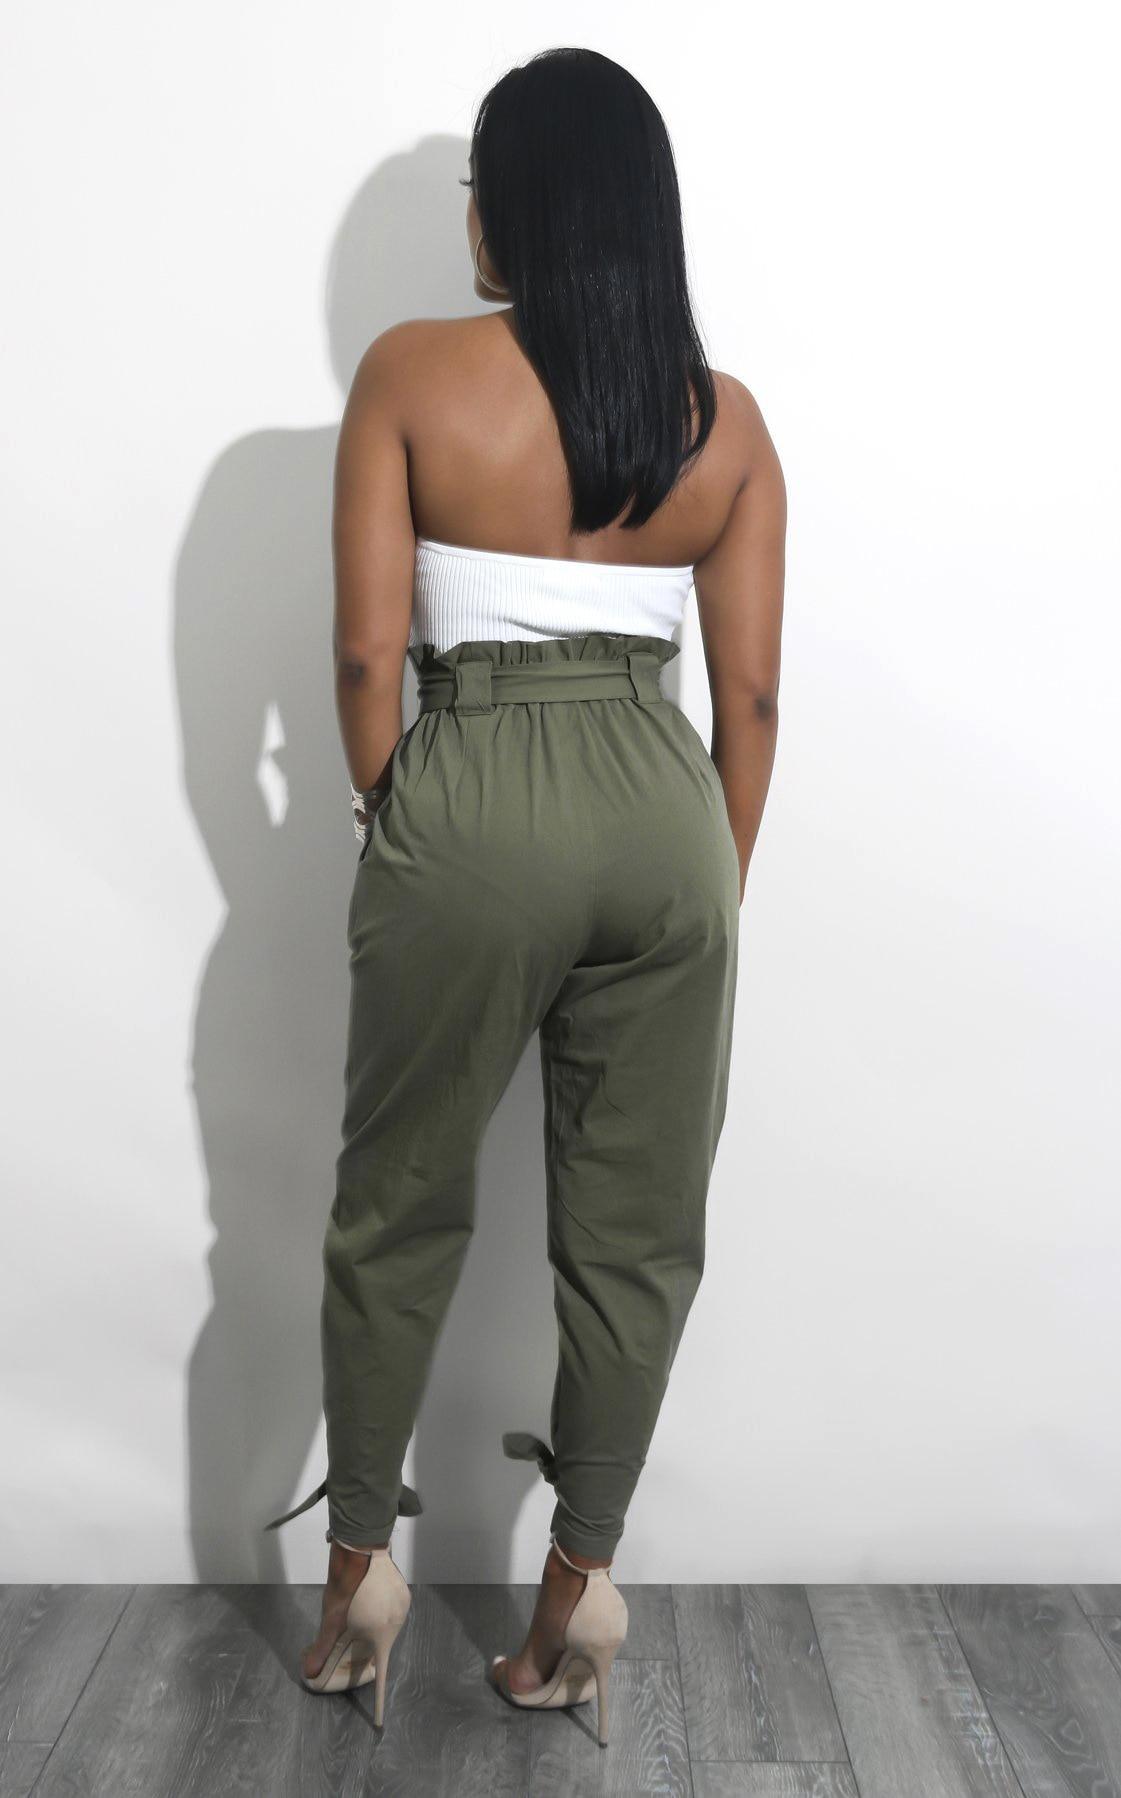 Di Brown Delle Modo Alta Donne Allentati Lunghi Matita Dell'esercito Vita Casual Harlan Pantaloni A Fasciatura verde Hxnn5rdWX